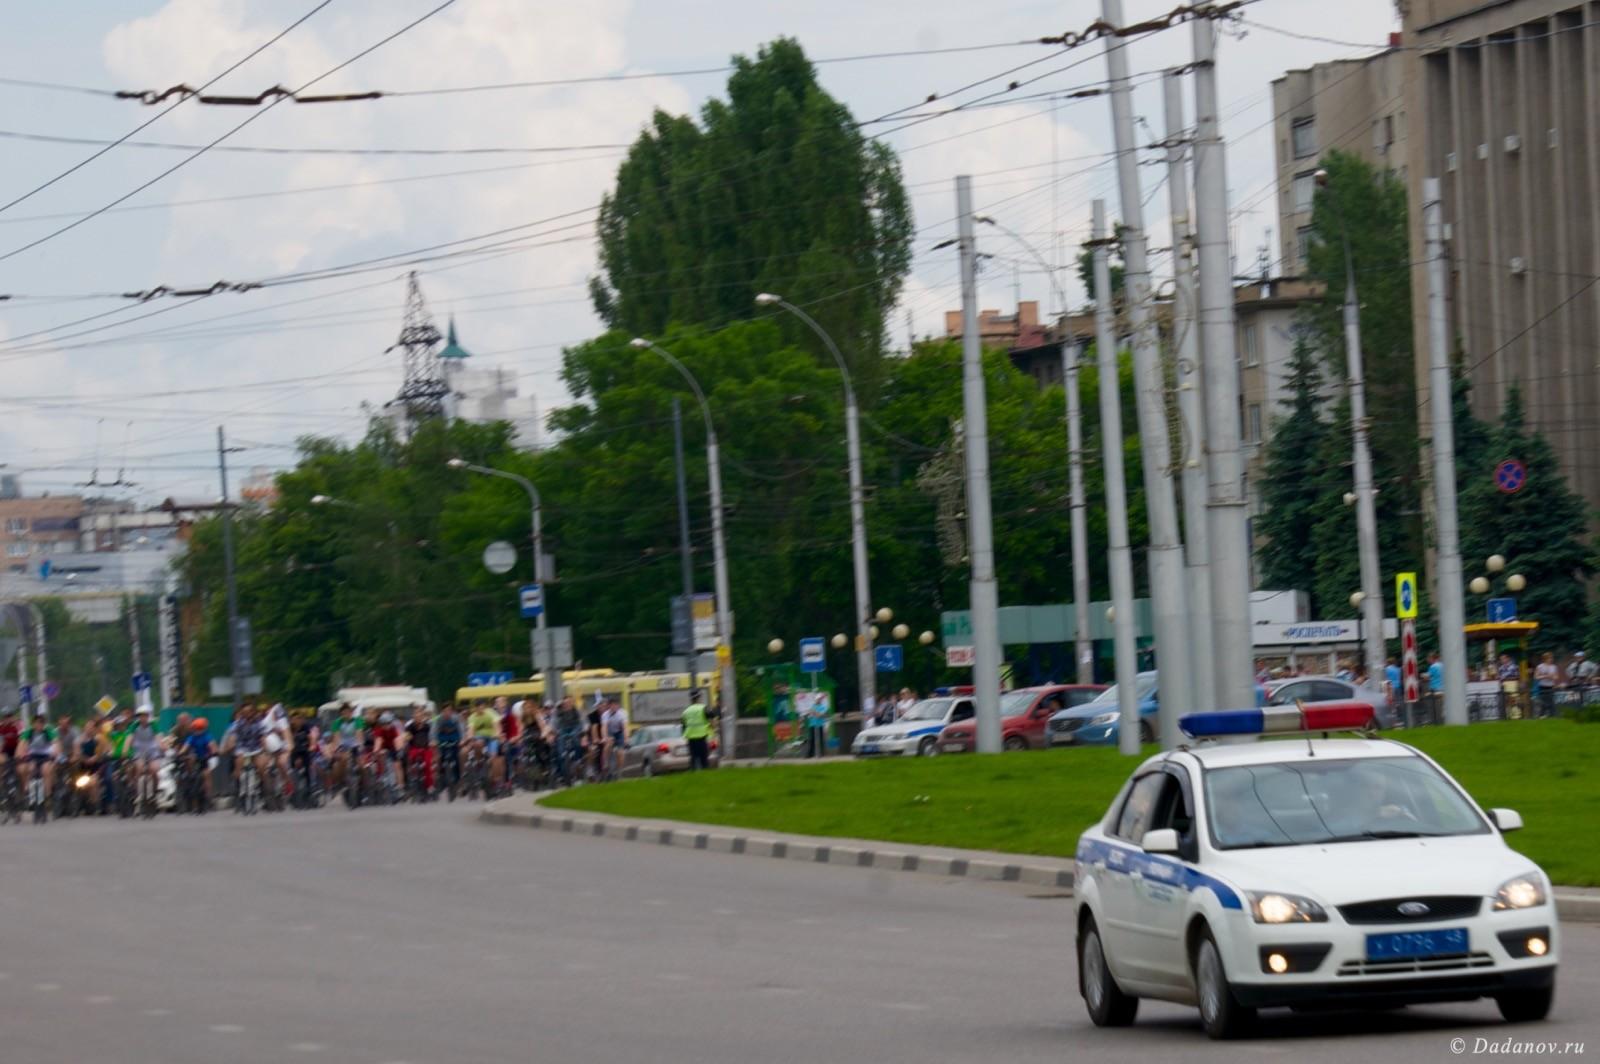 Велодень 2016 в Липецке состоялся. Фотографии с мероприятия 2997